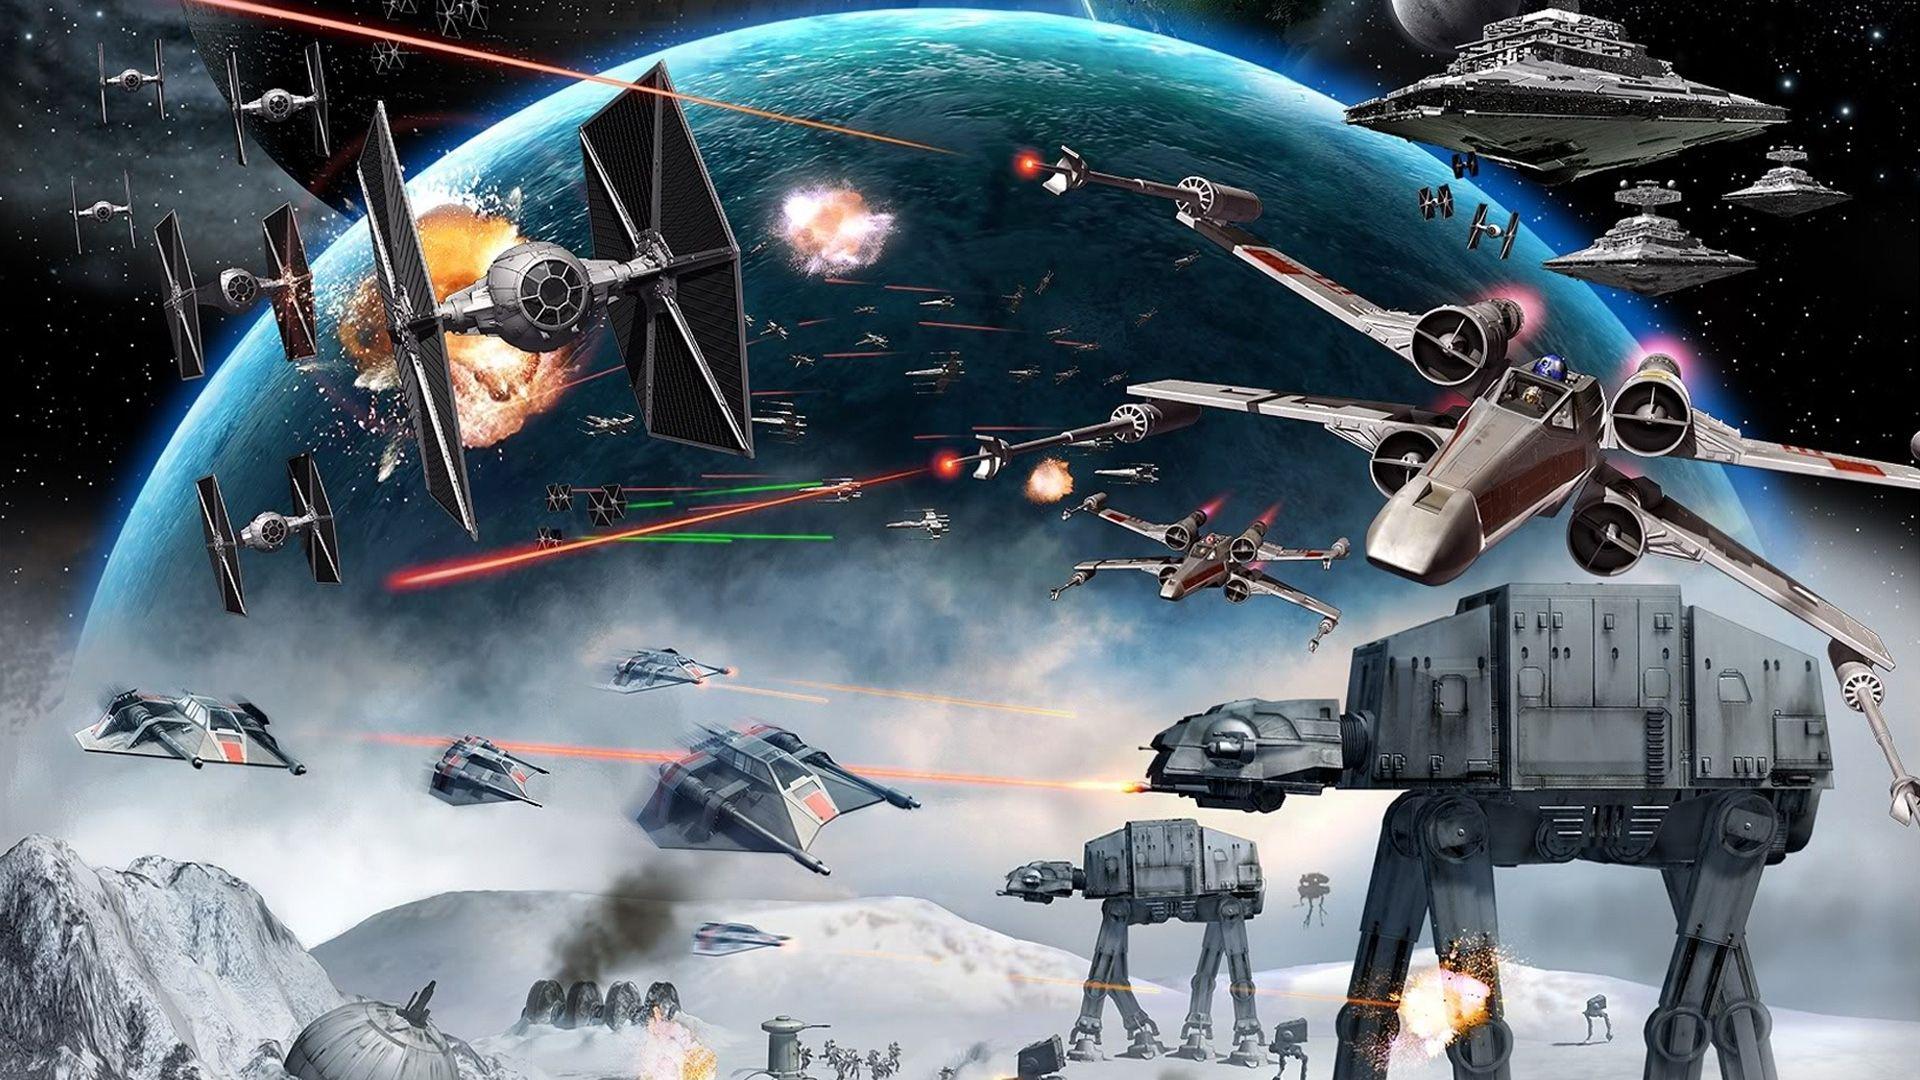 Star Wars Wallpaper Hd 1080P Iphone